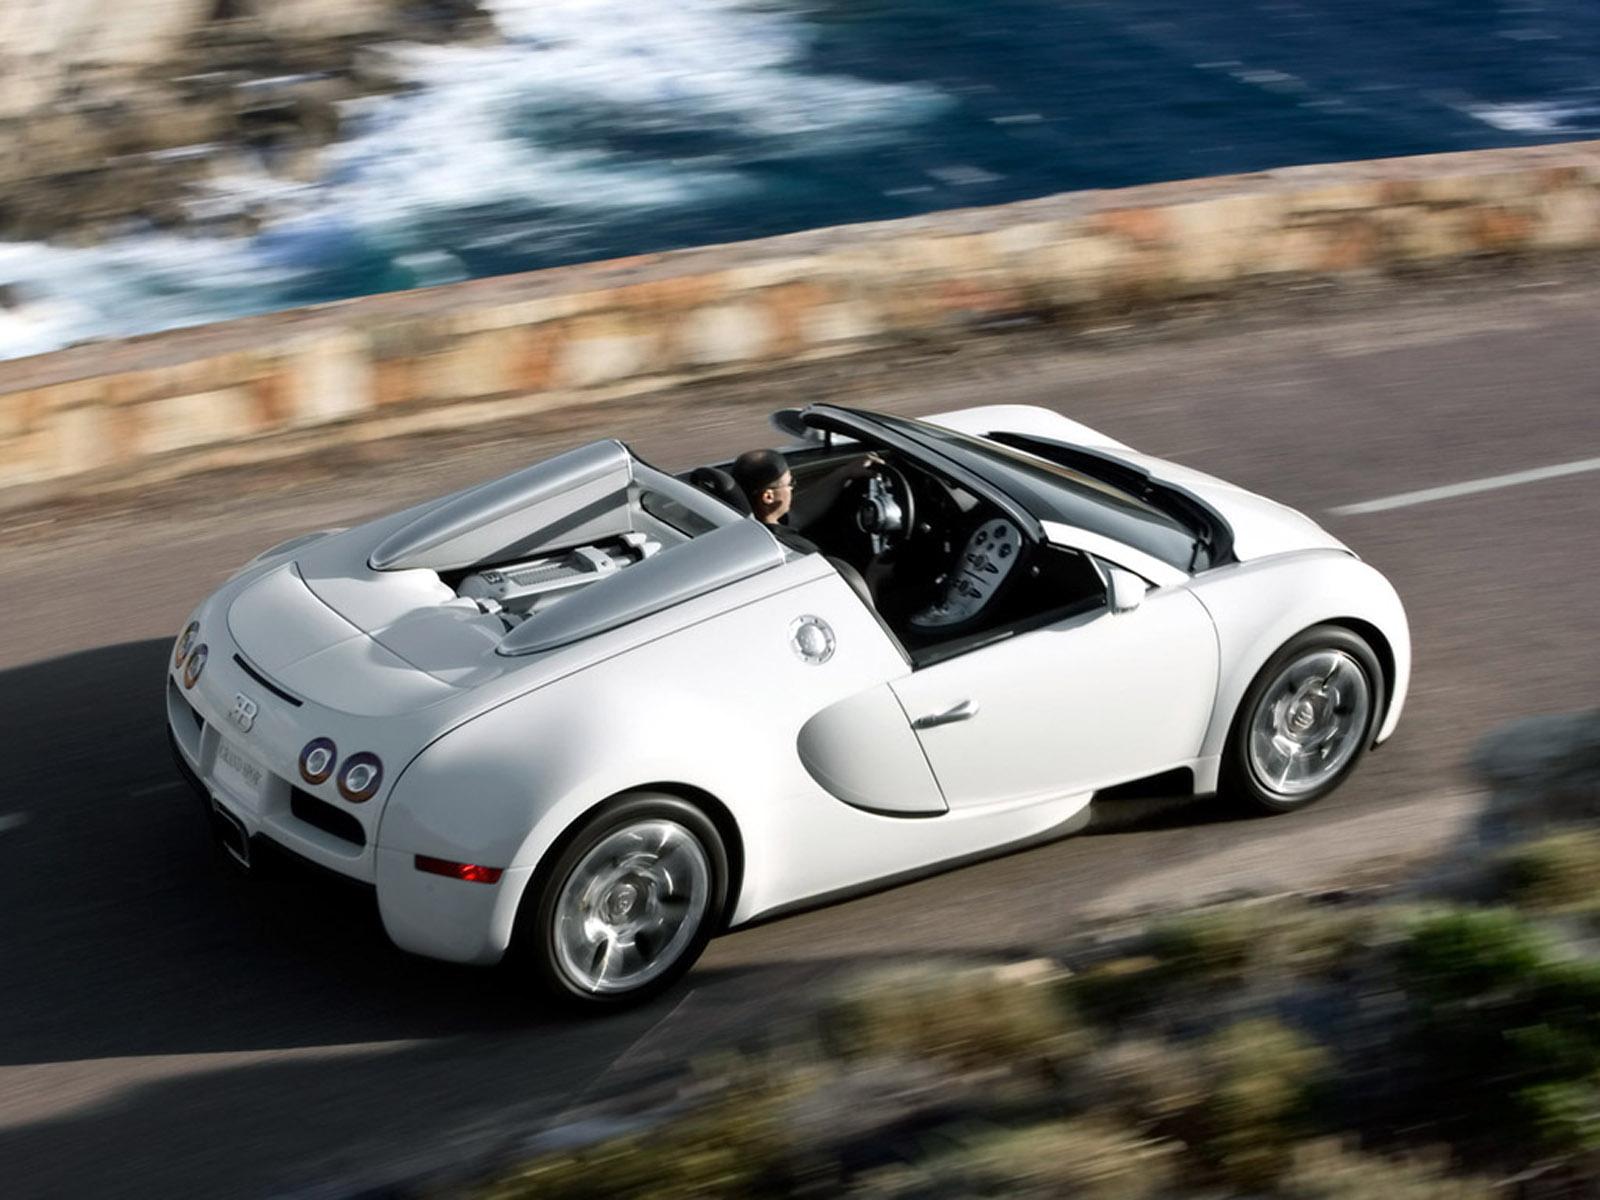 Top Gear Bugatti Veyron Super Sport MilkandCookies